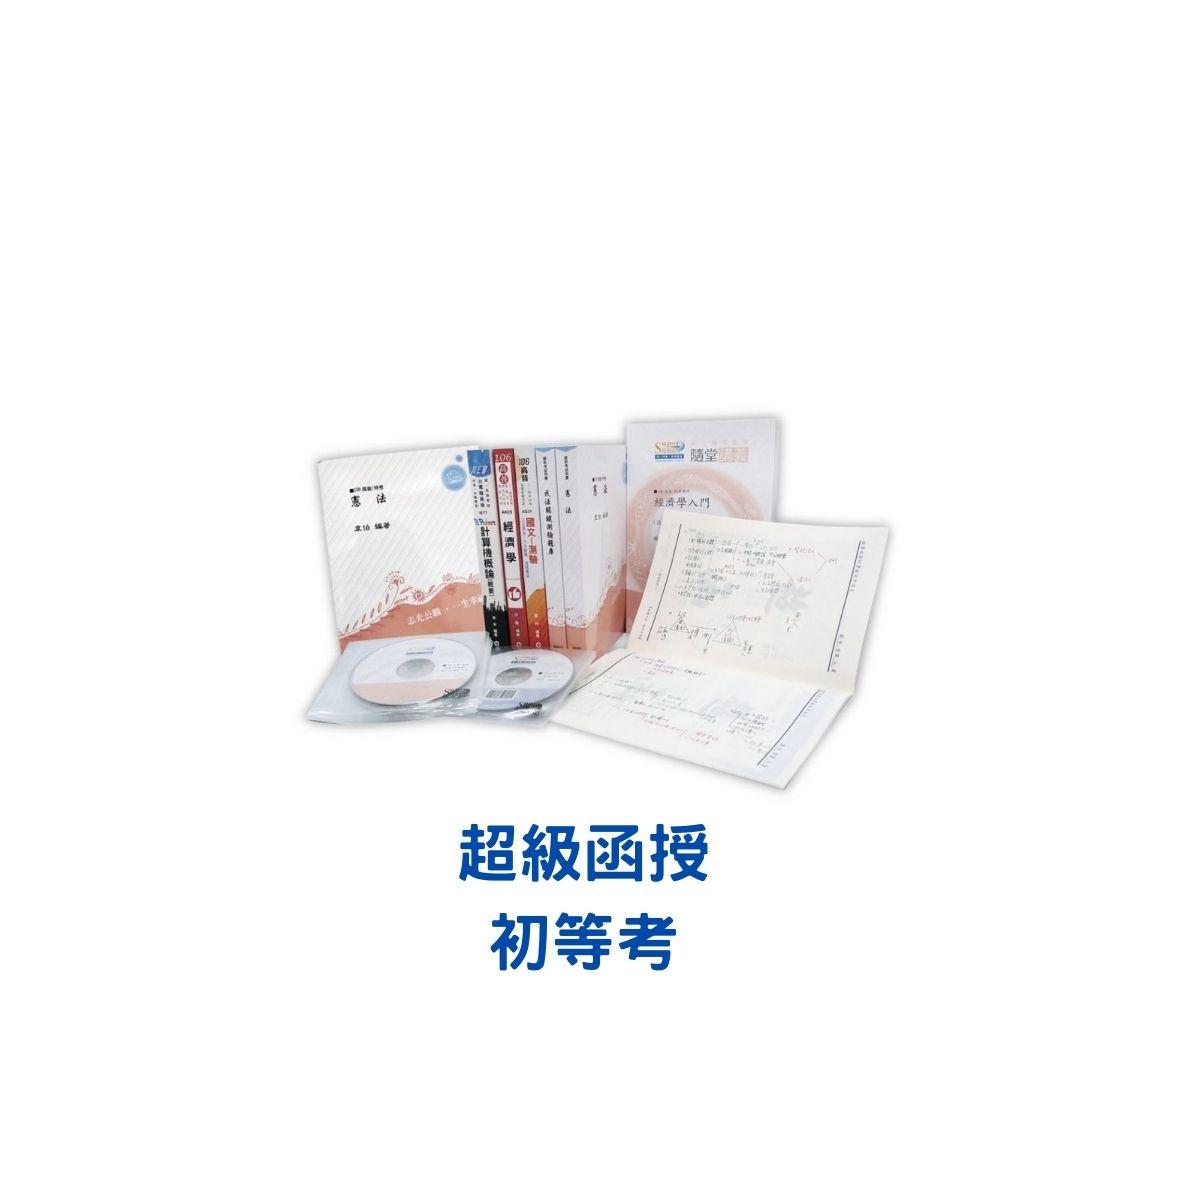 110/超級函授/初等考/圖書資訊管理/年度班/全套/雲端函授